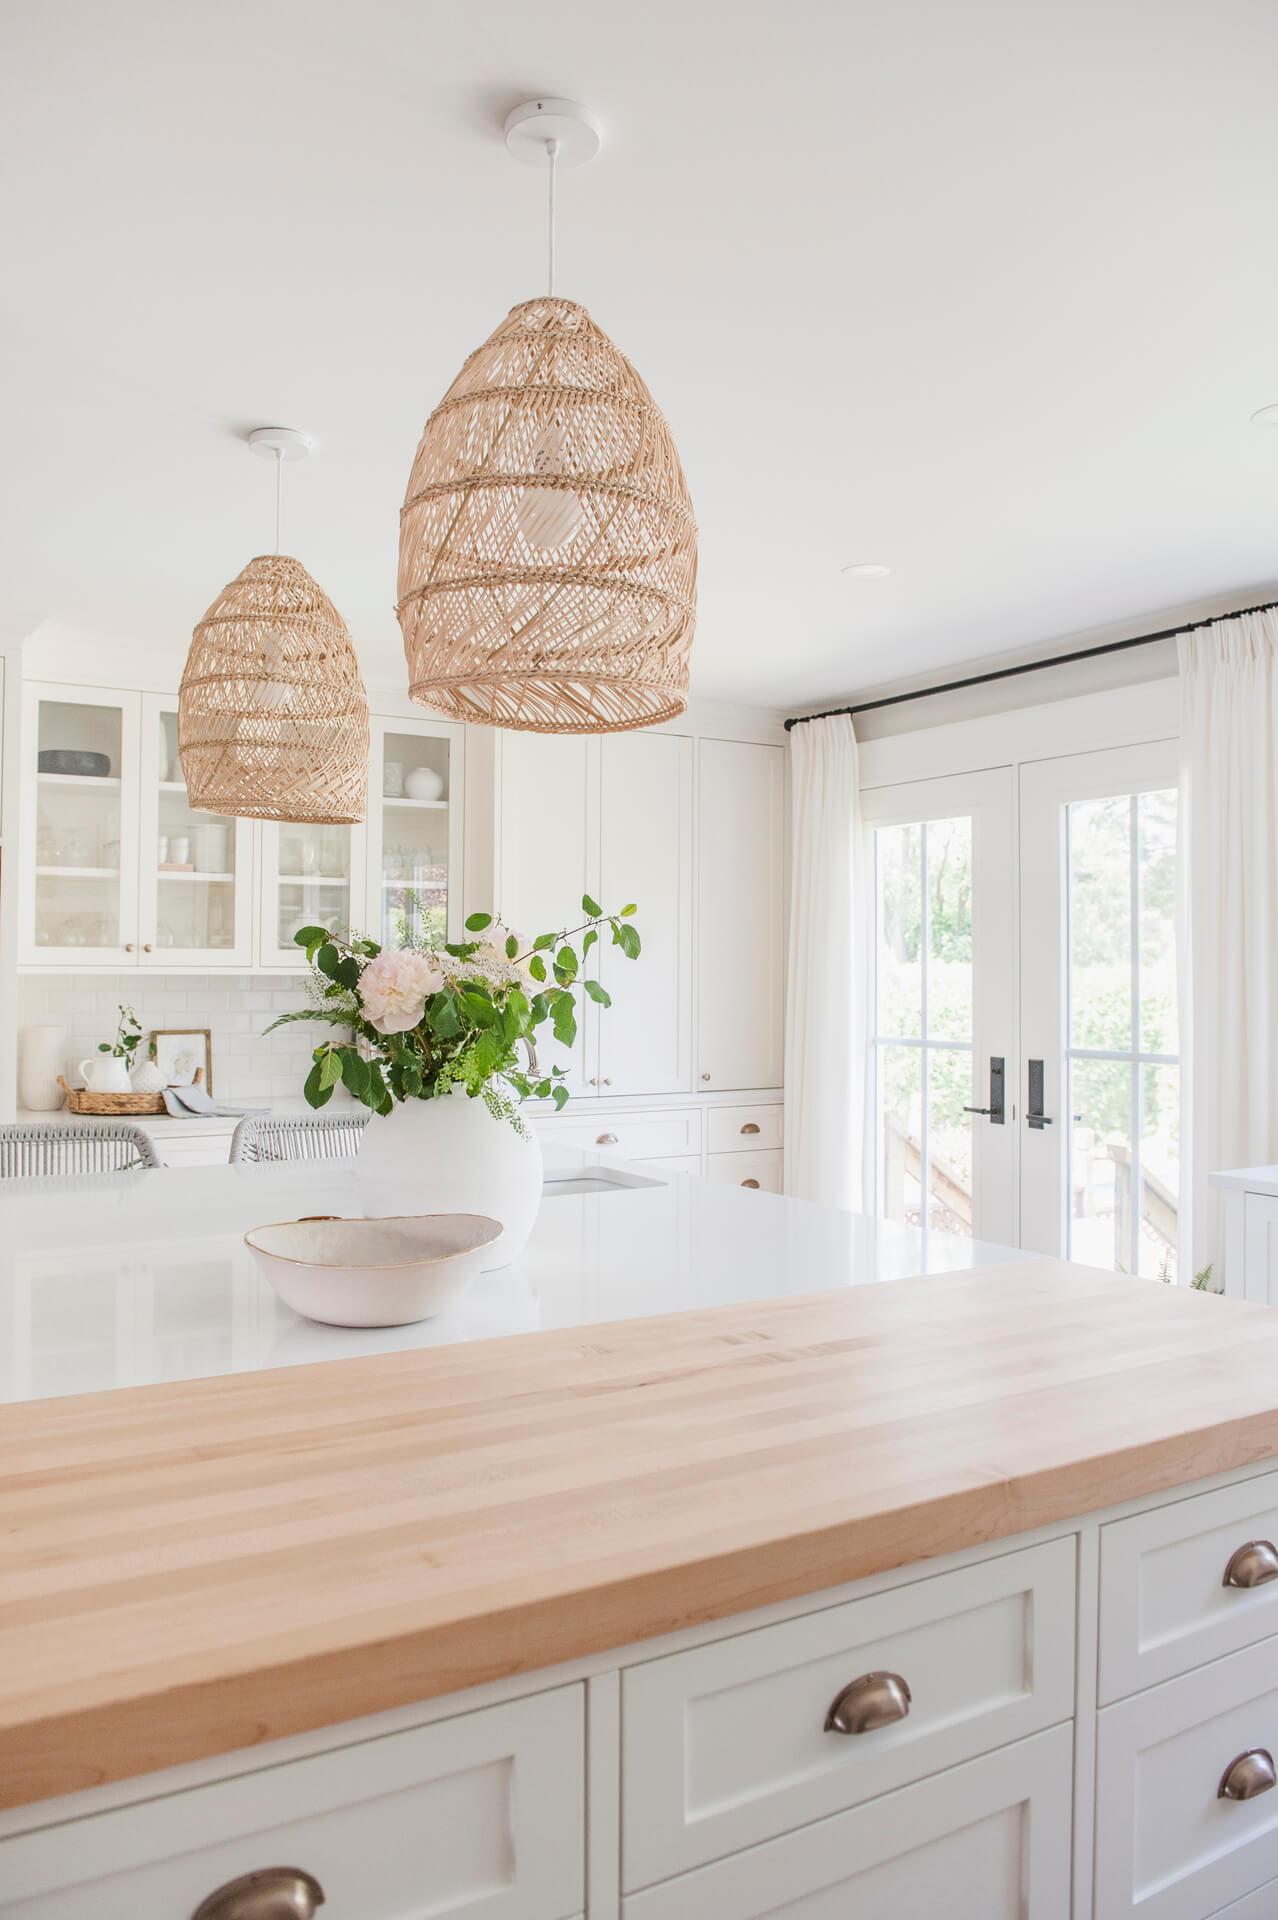 Frobisher AKB Design cuisine blanche farmhouse classique tablette bois luminaire osier ilot quarz 12